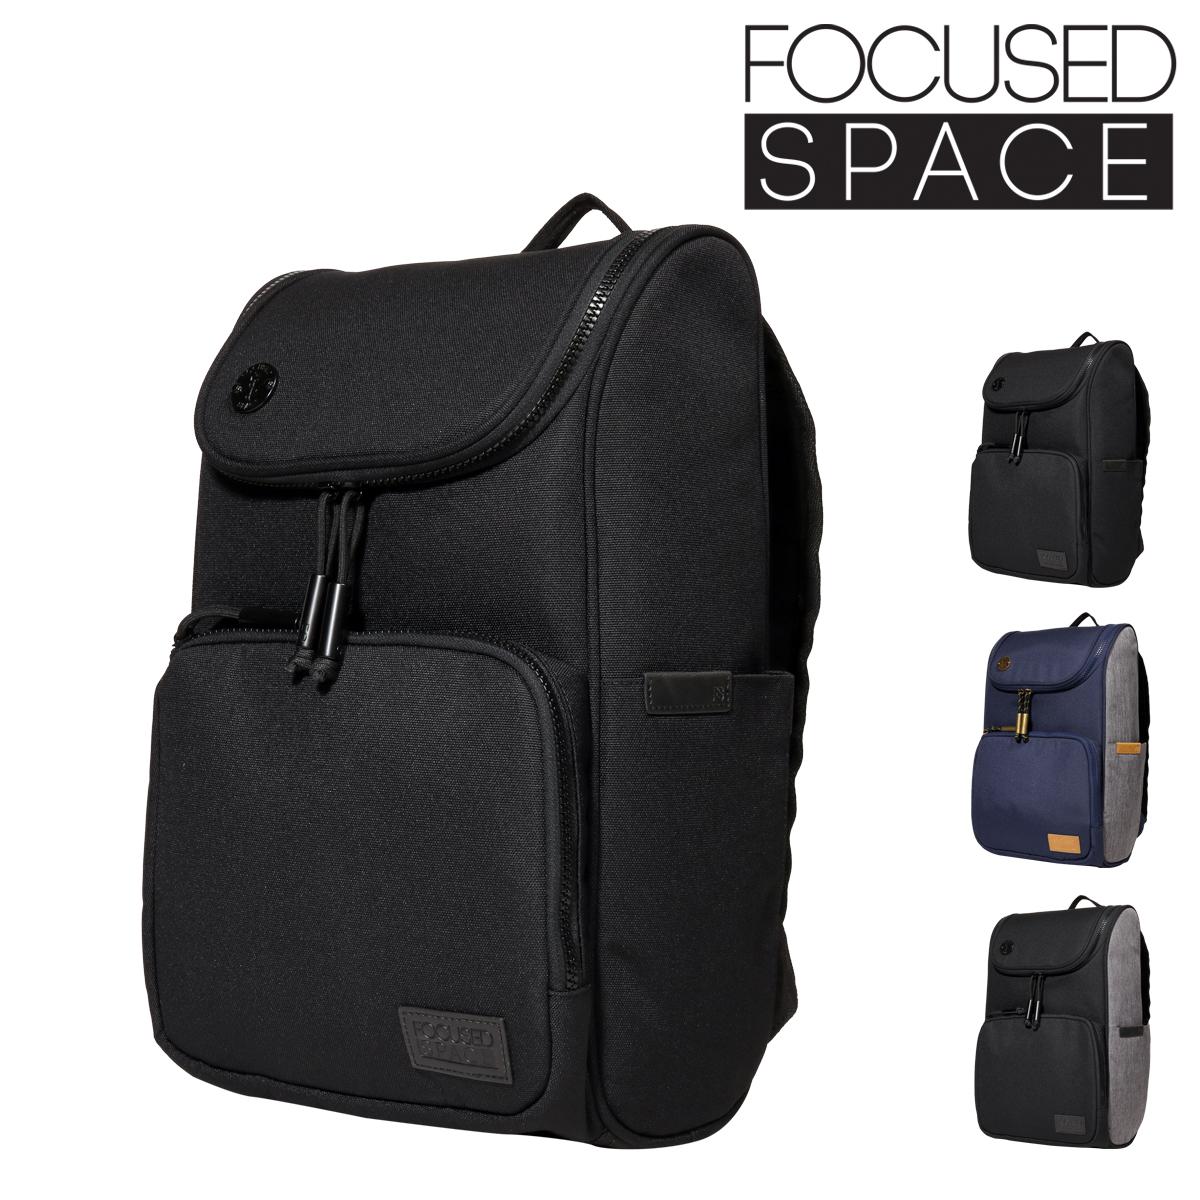 フォーカスドスペース リュック A4 THE CONTINUUM MINI メンズ レディース FS1248 Focusedspace | リュックサック [PO10]